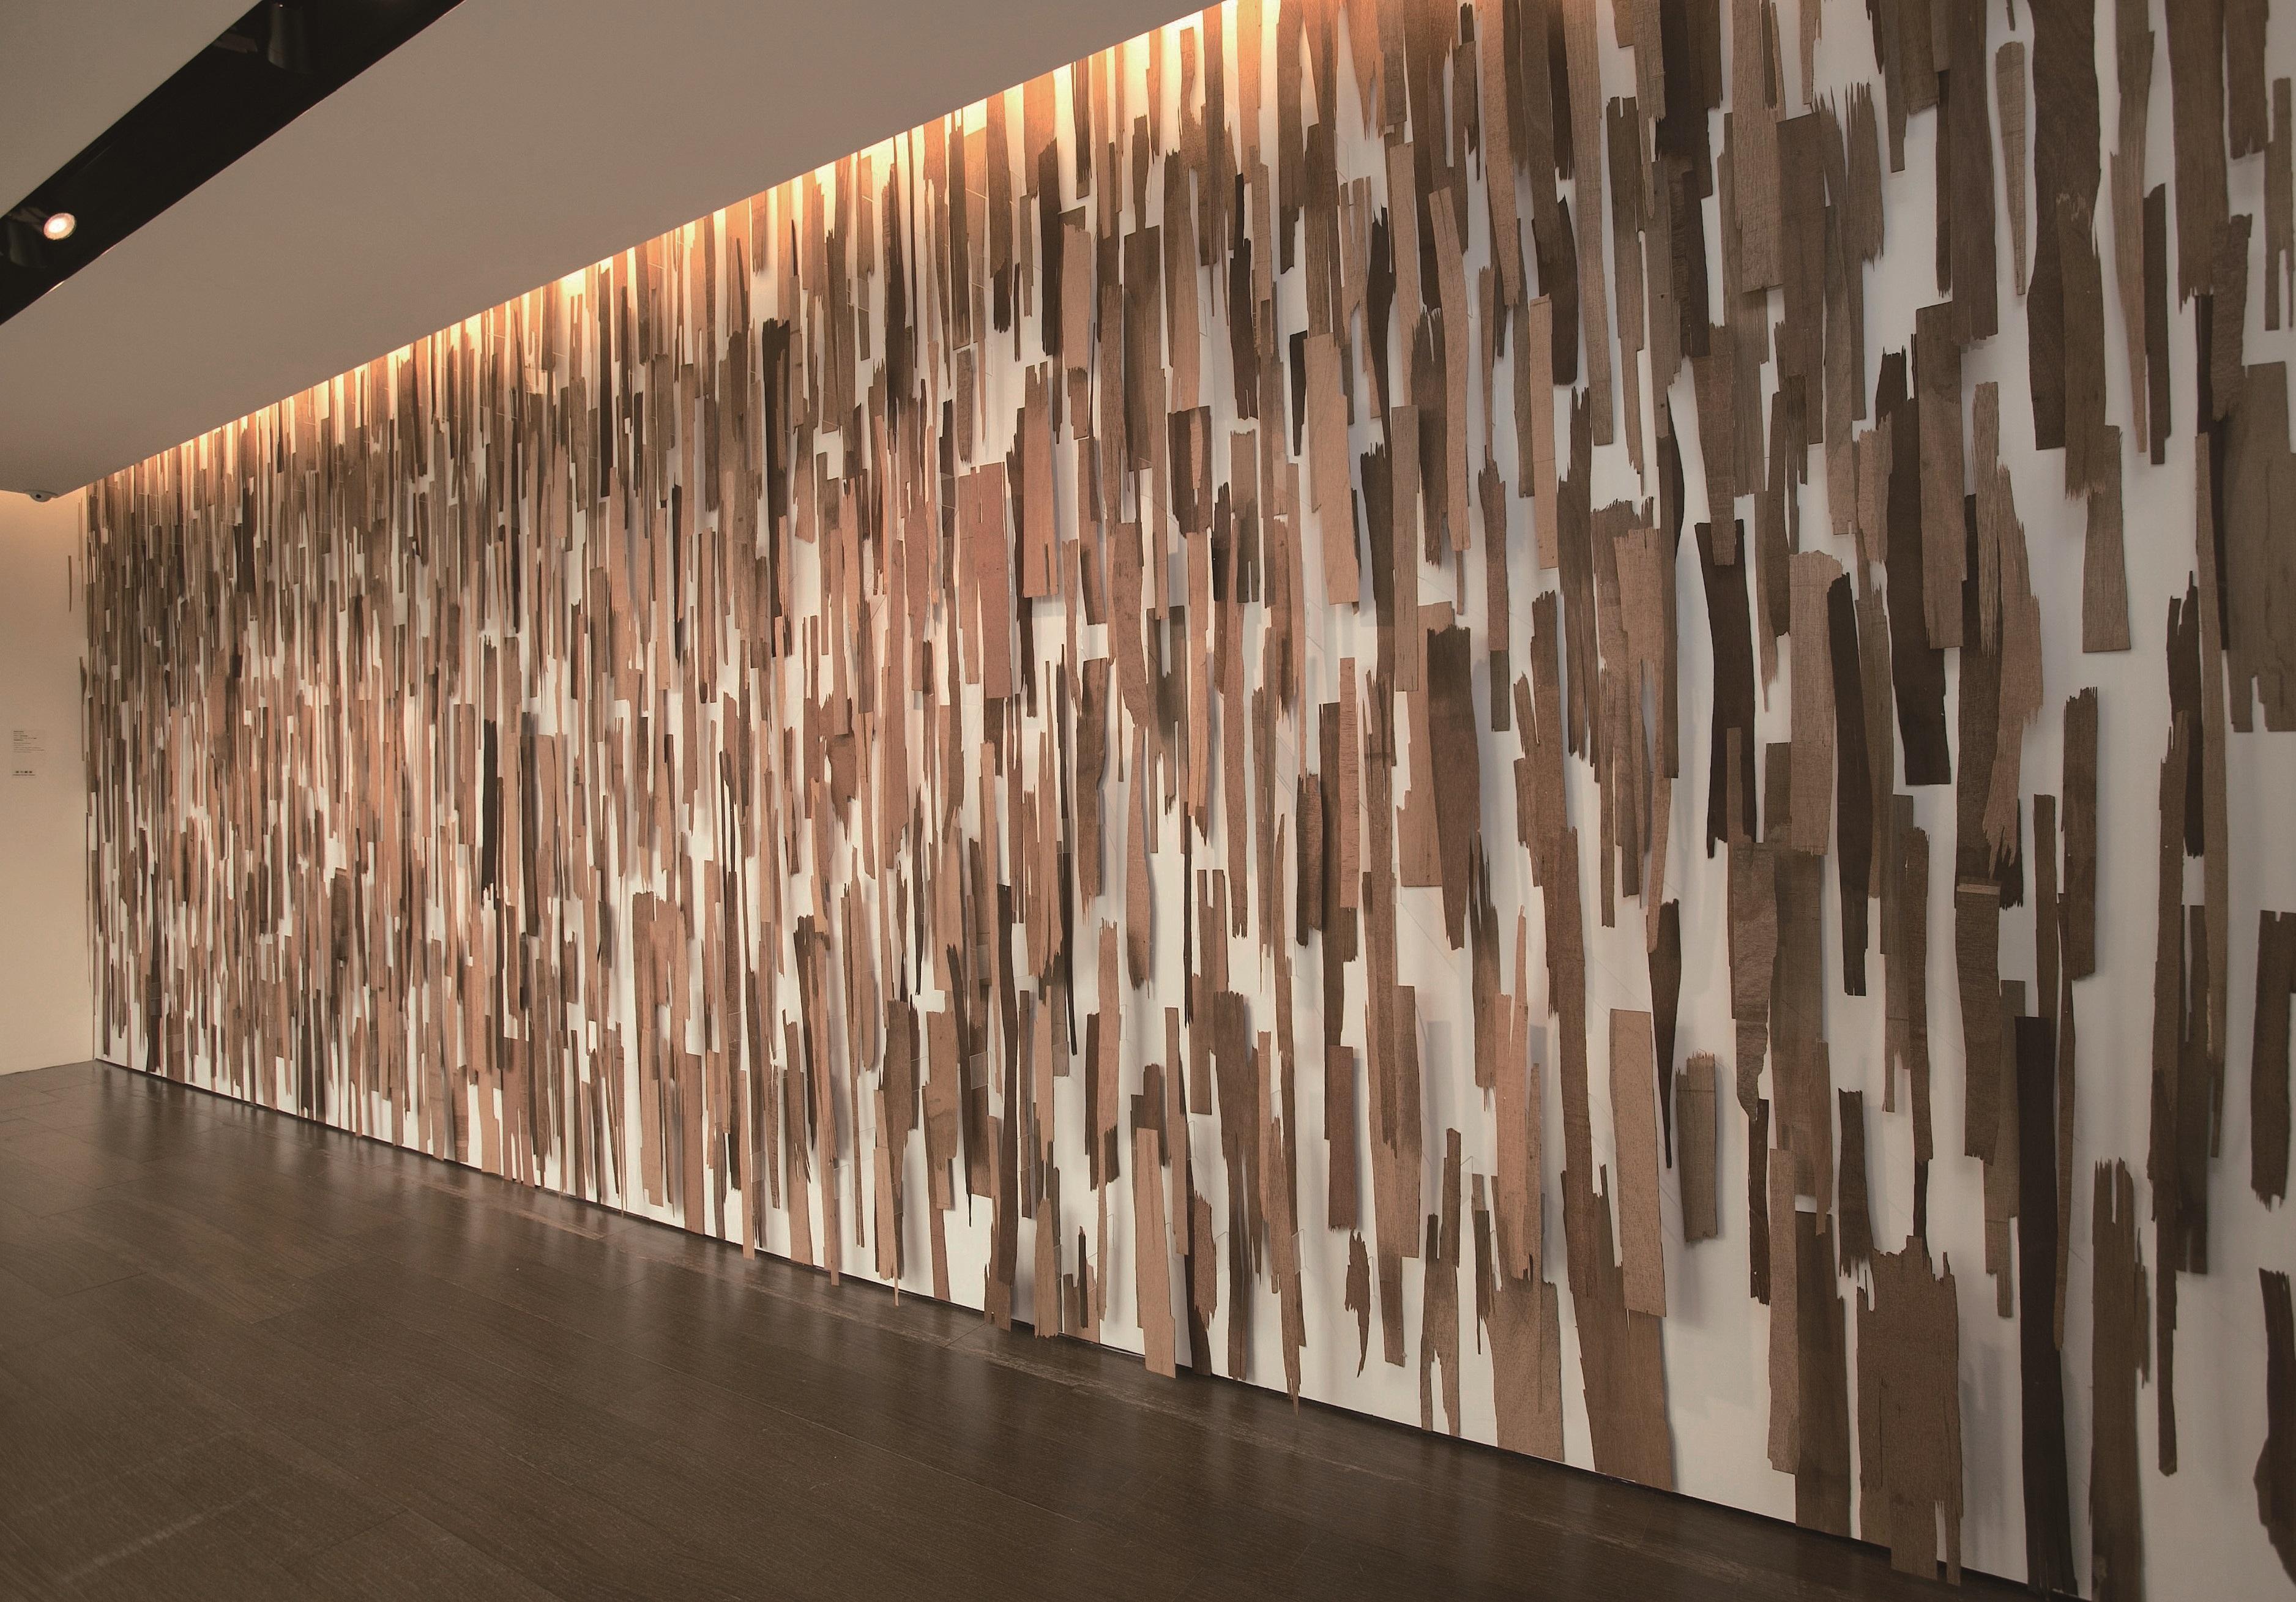 木料/現地裝置,248x665cm(尺寸可變),2012國立台灣美術館收藏(圖片提供/路易威登)